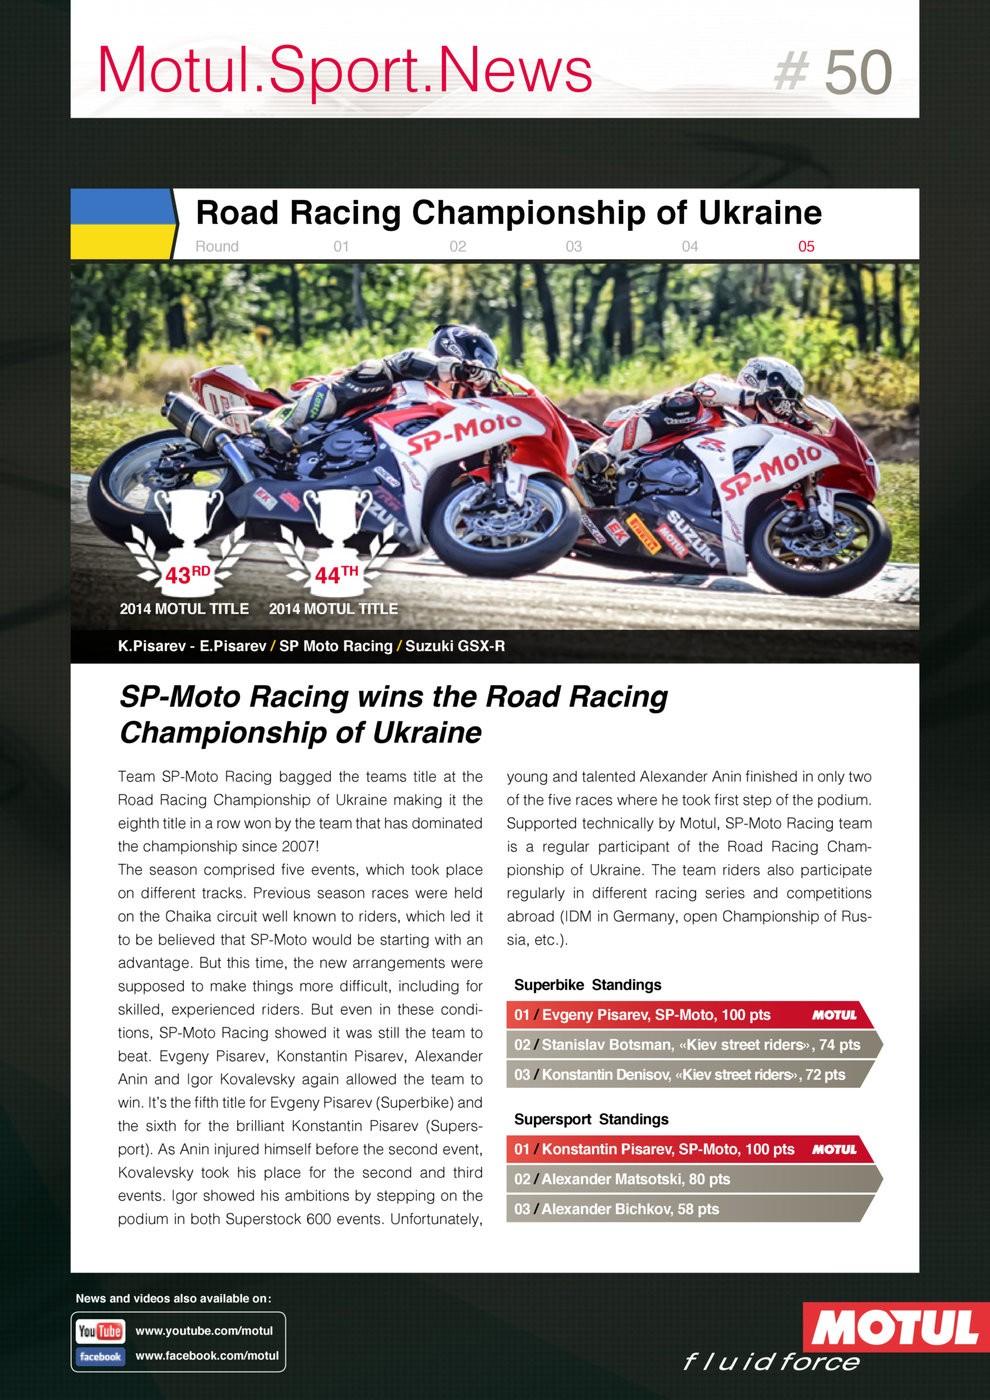 Sp-moto Racing wins the Road Racing Championship Ukraine